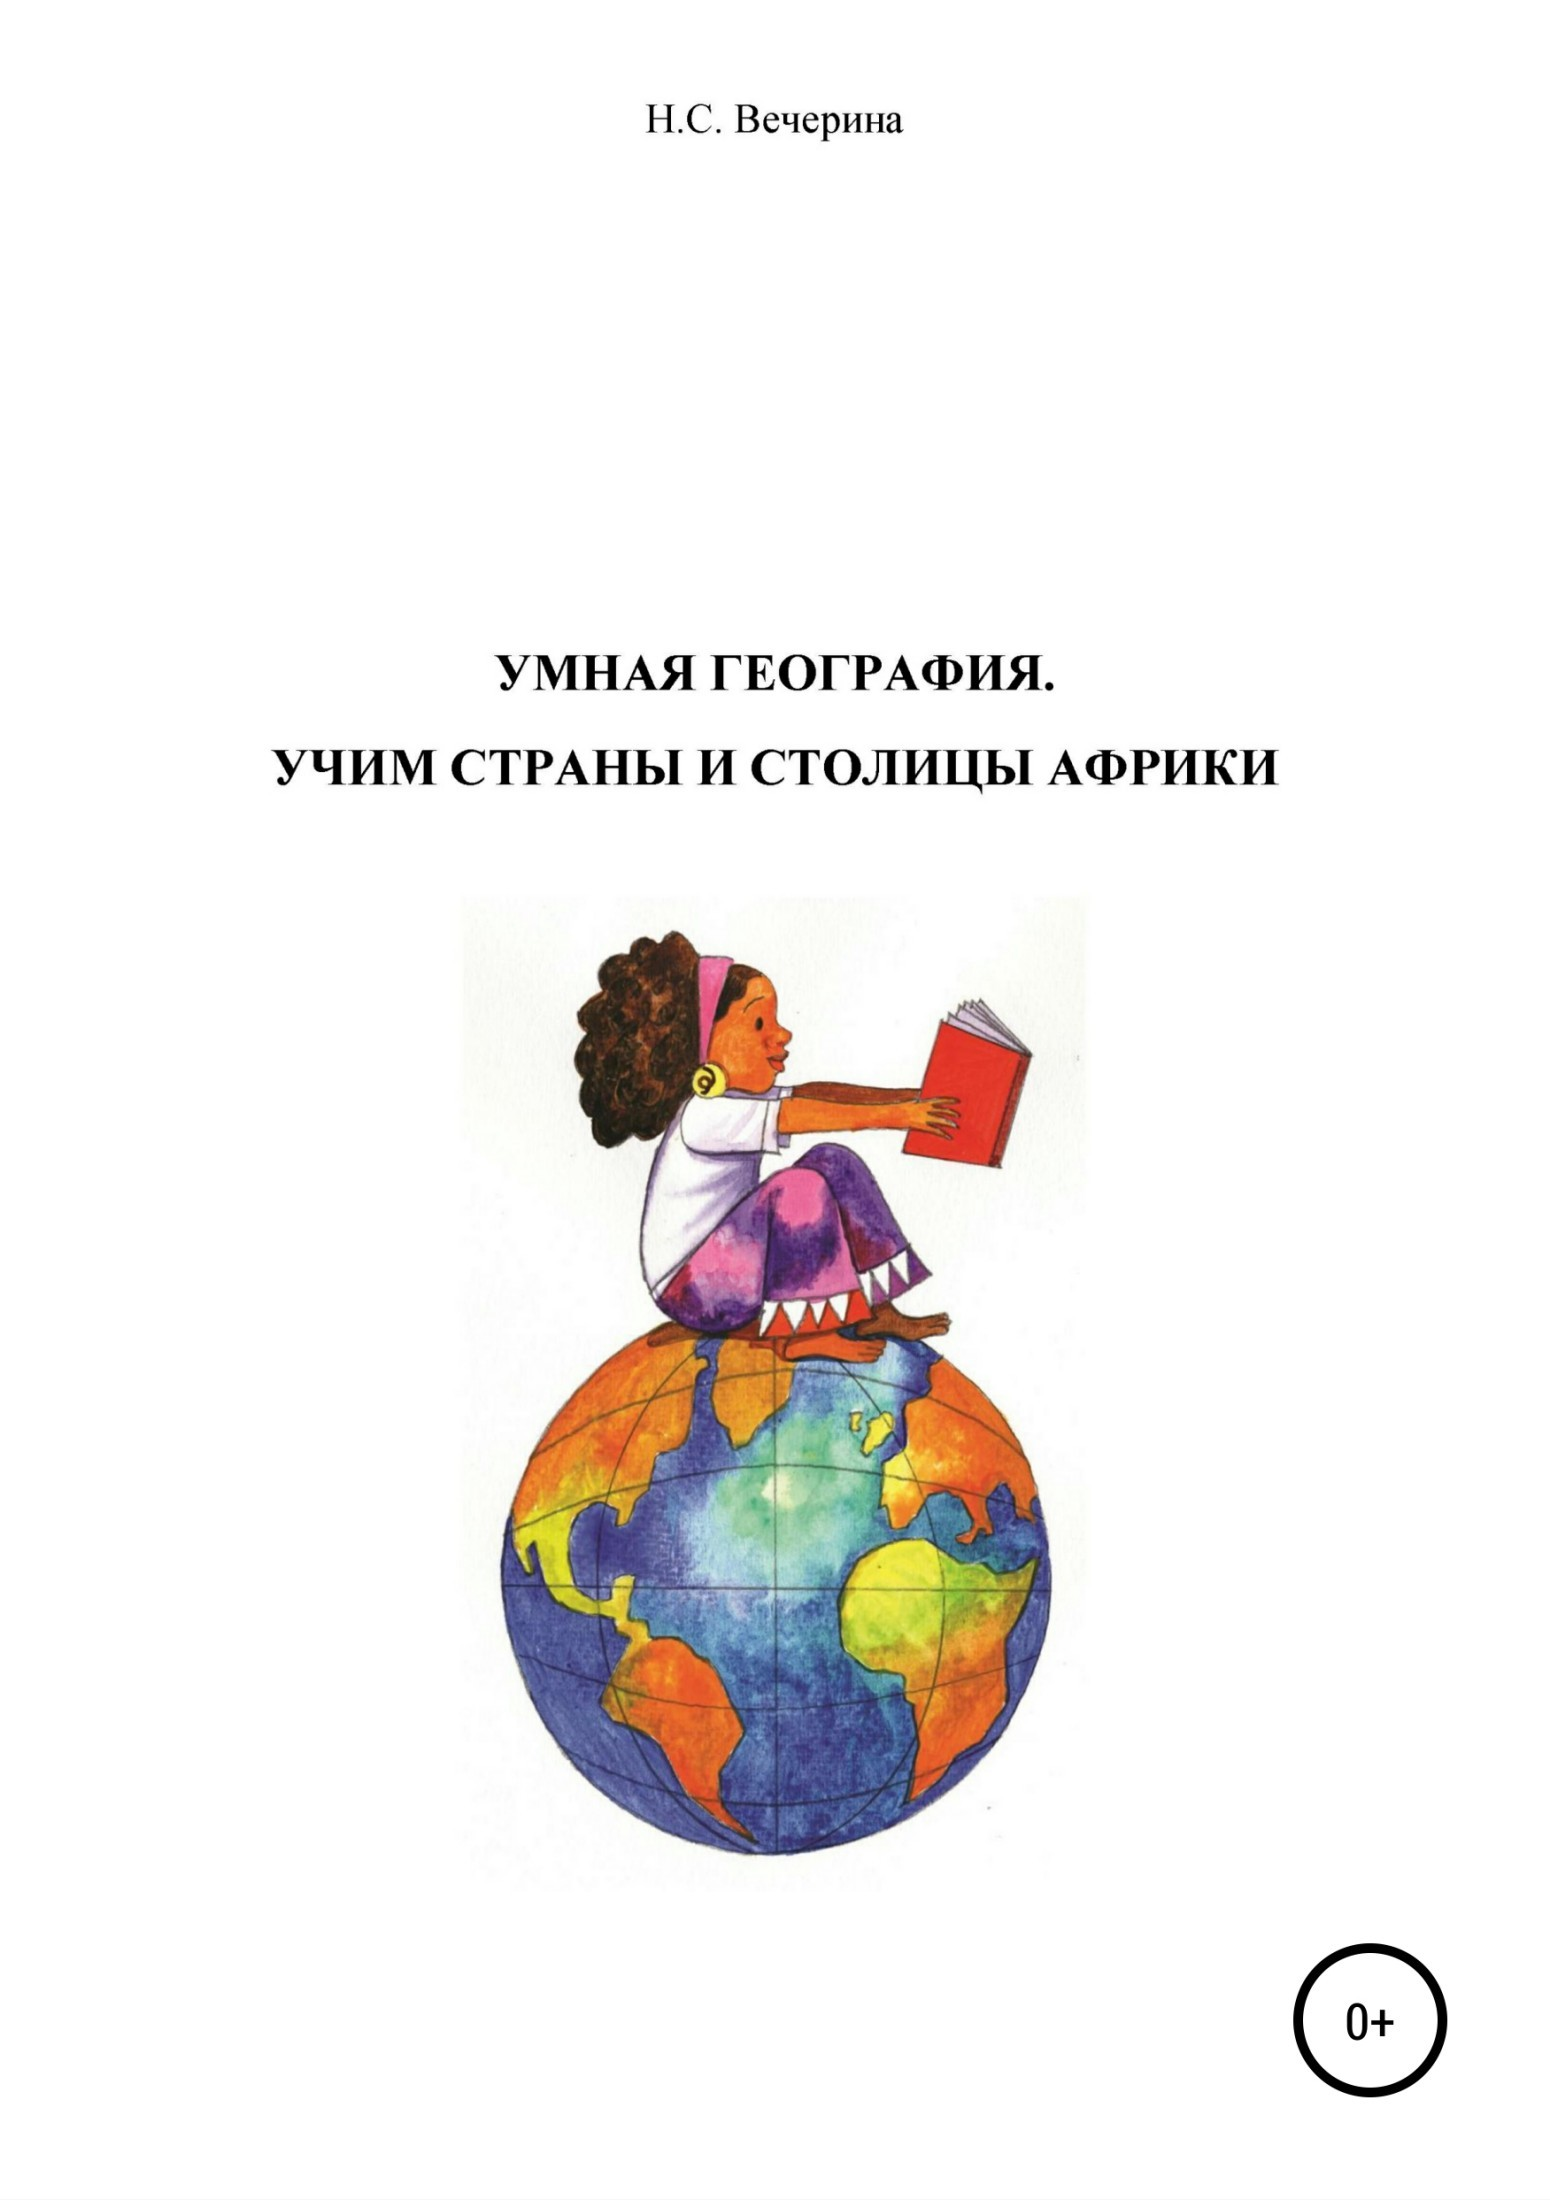 Мнемотехника для школьников. Учим столицы стран Африки